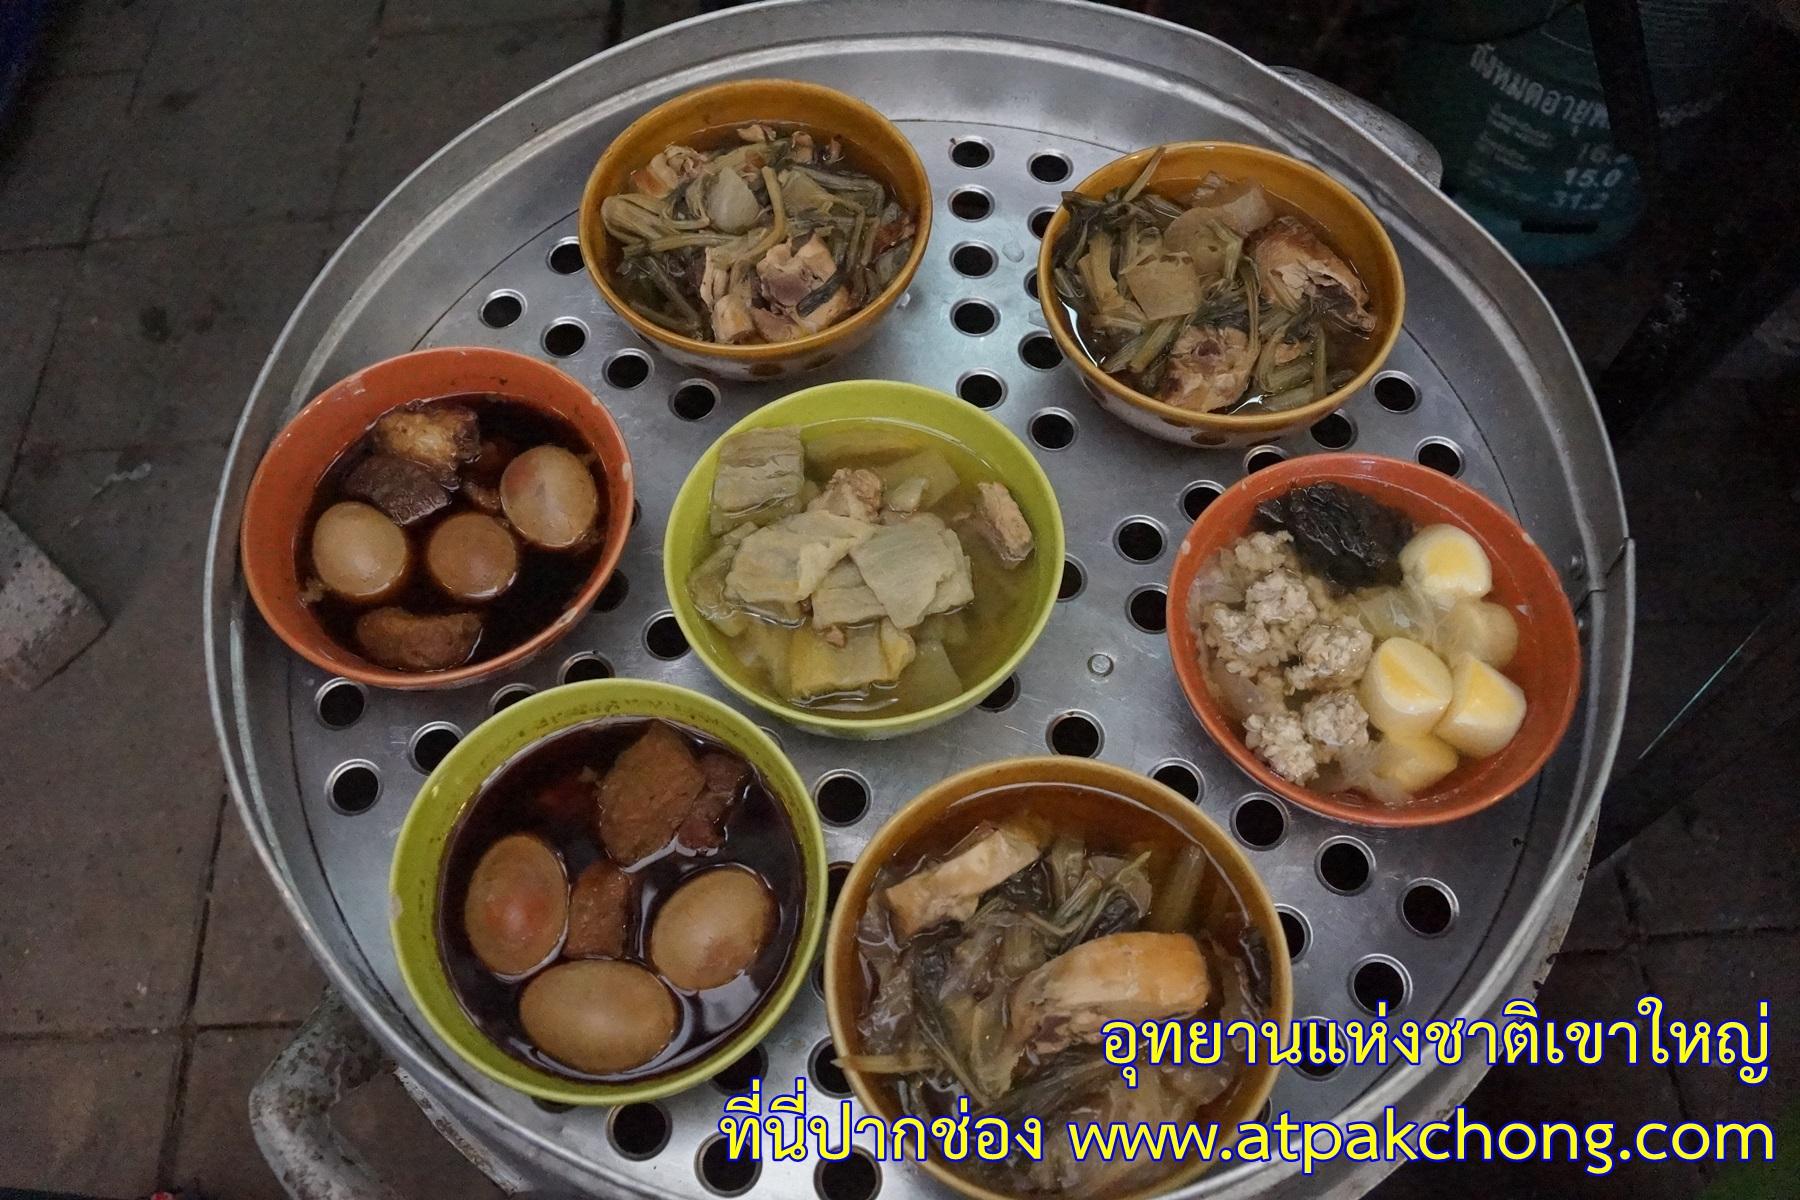 อาหาร สำหรับจำหน่ายให้นักท่องเที่ยว อุทยานแห่งชาติเขาใหญ่